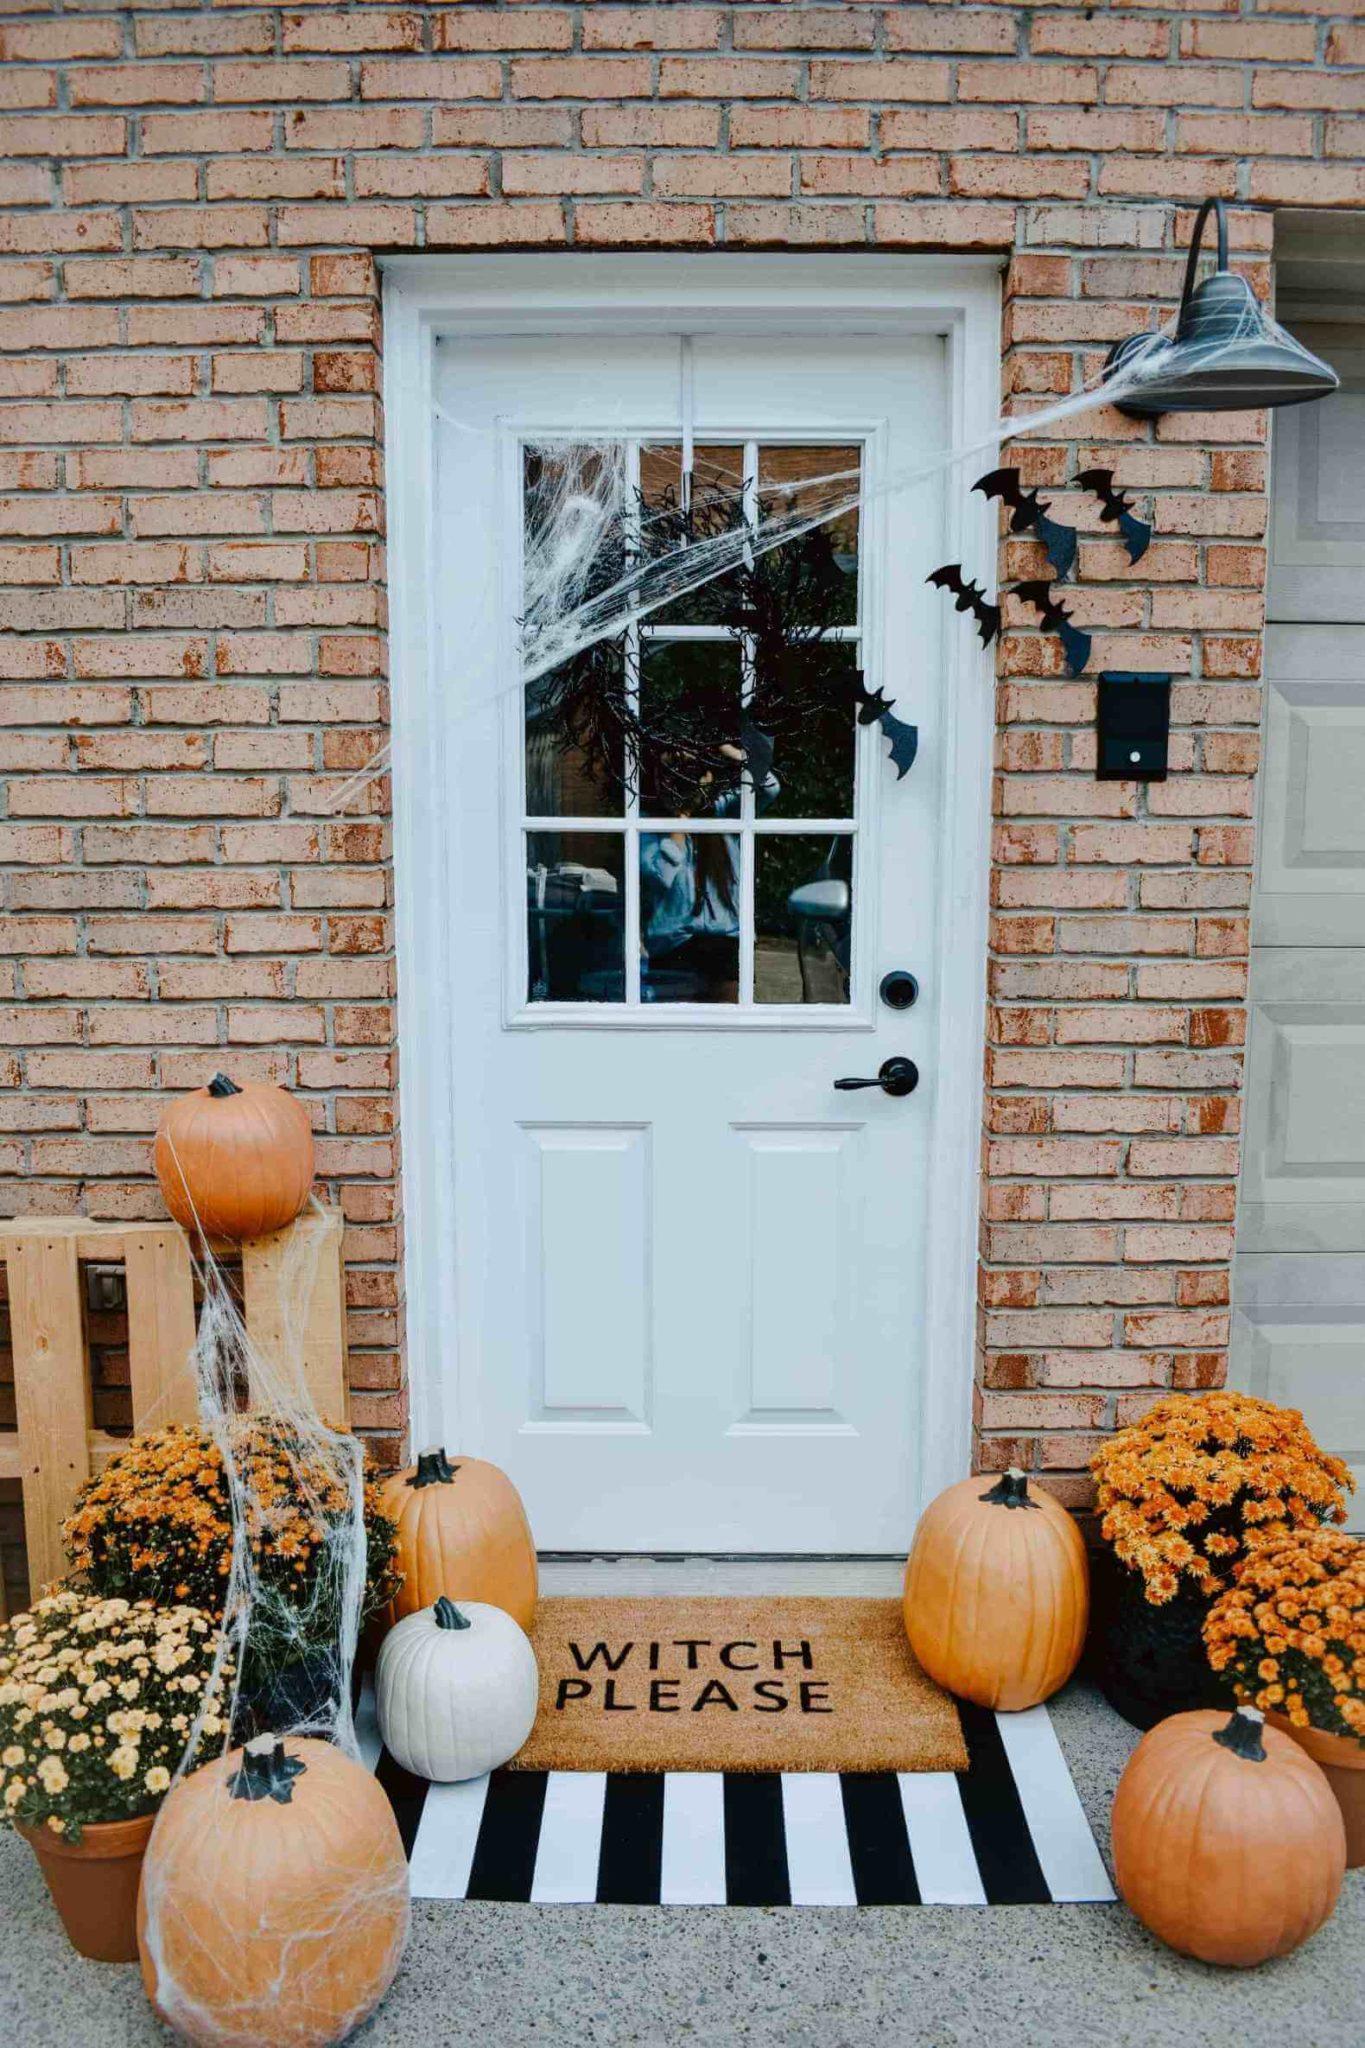 deco de porte pour halloween avec toile daraignée citrouille chauve souris et tapis  1365x2048 - 12 idées pour décorer la porte à Halloween